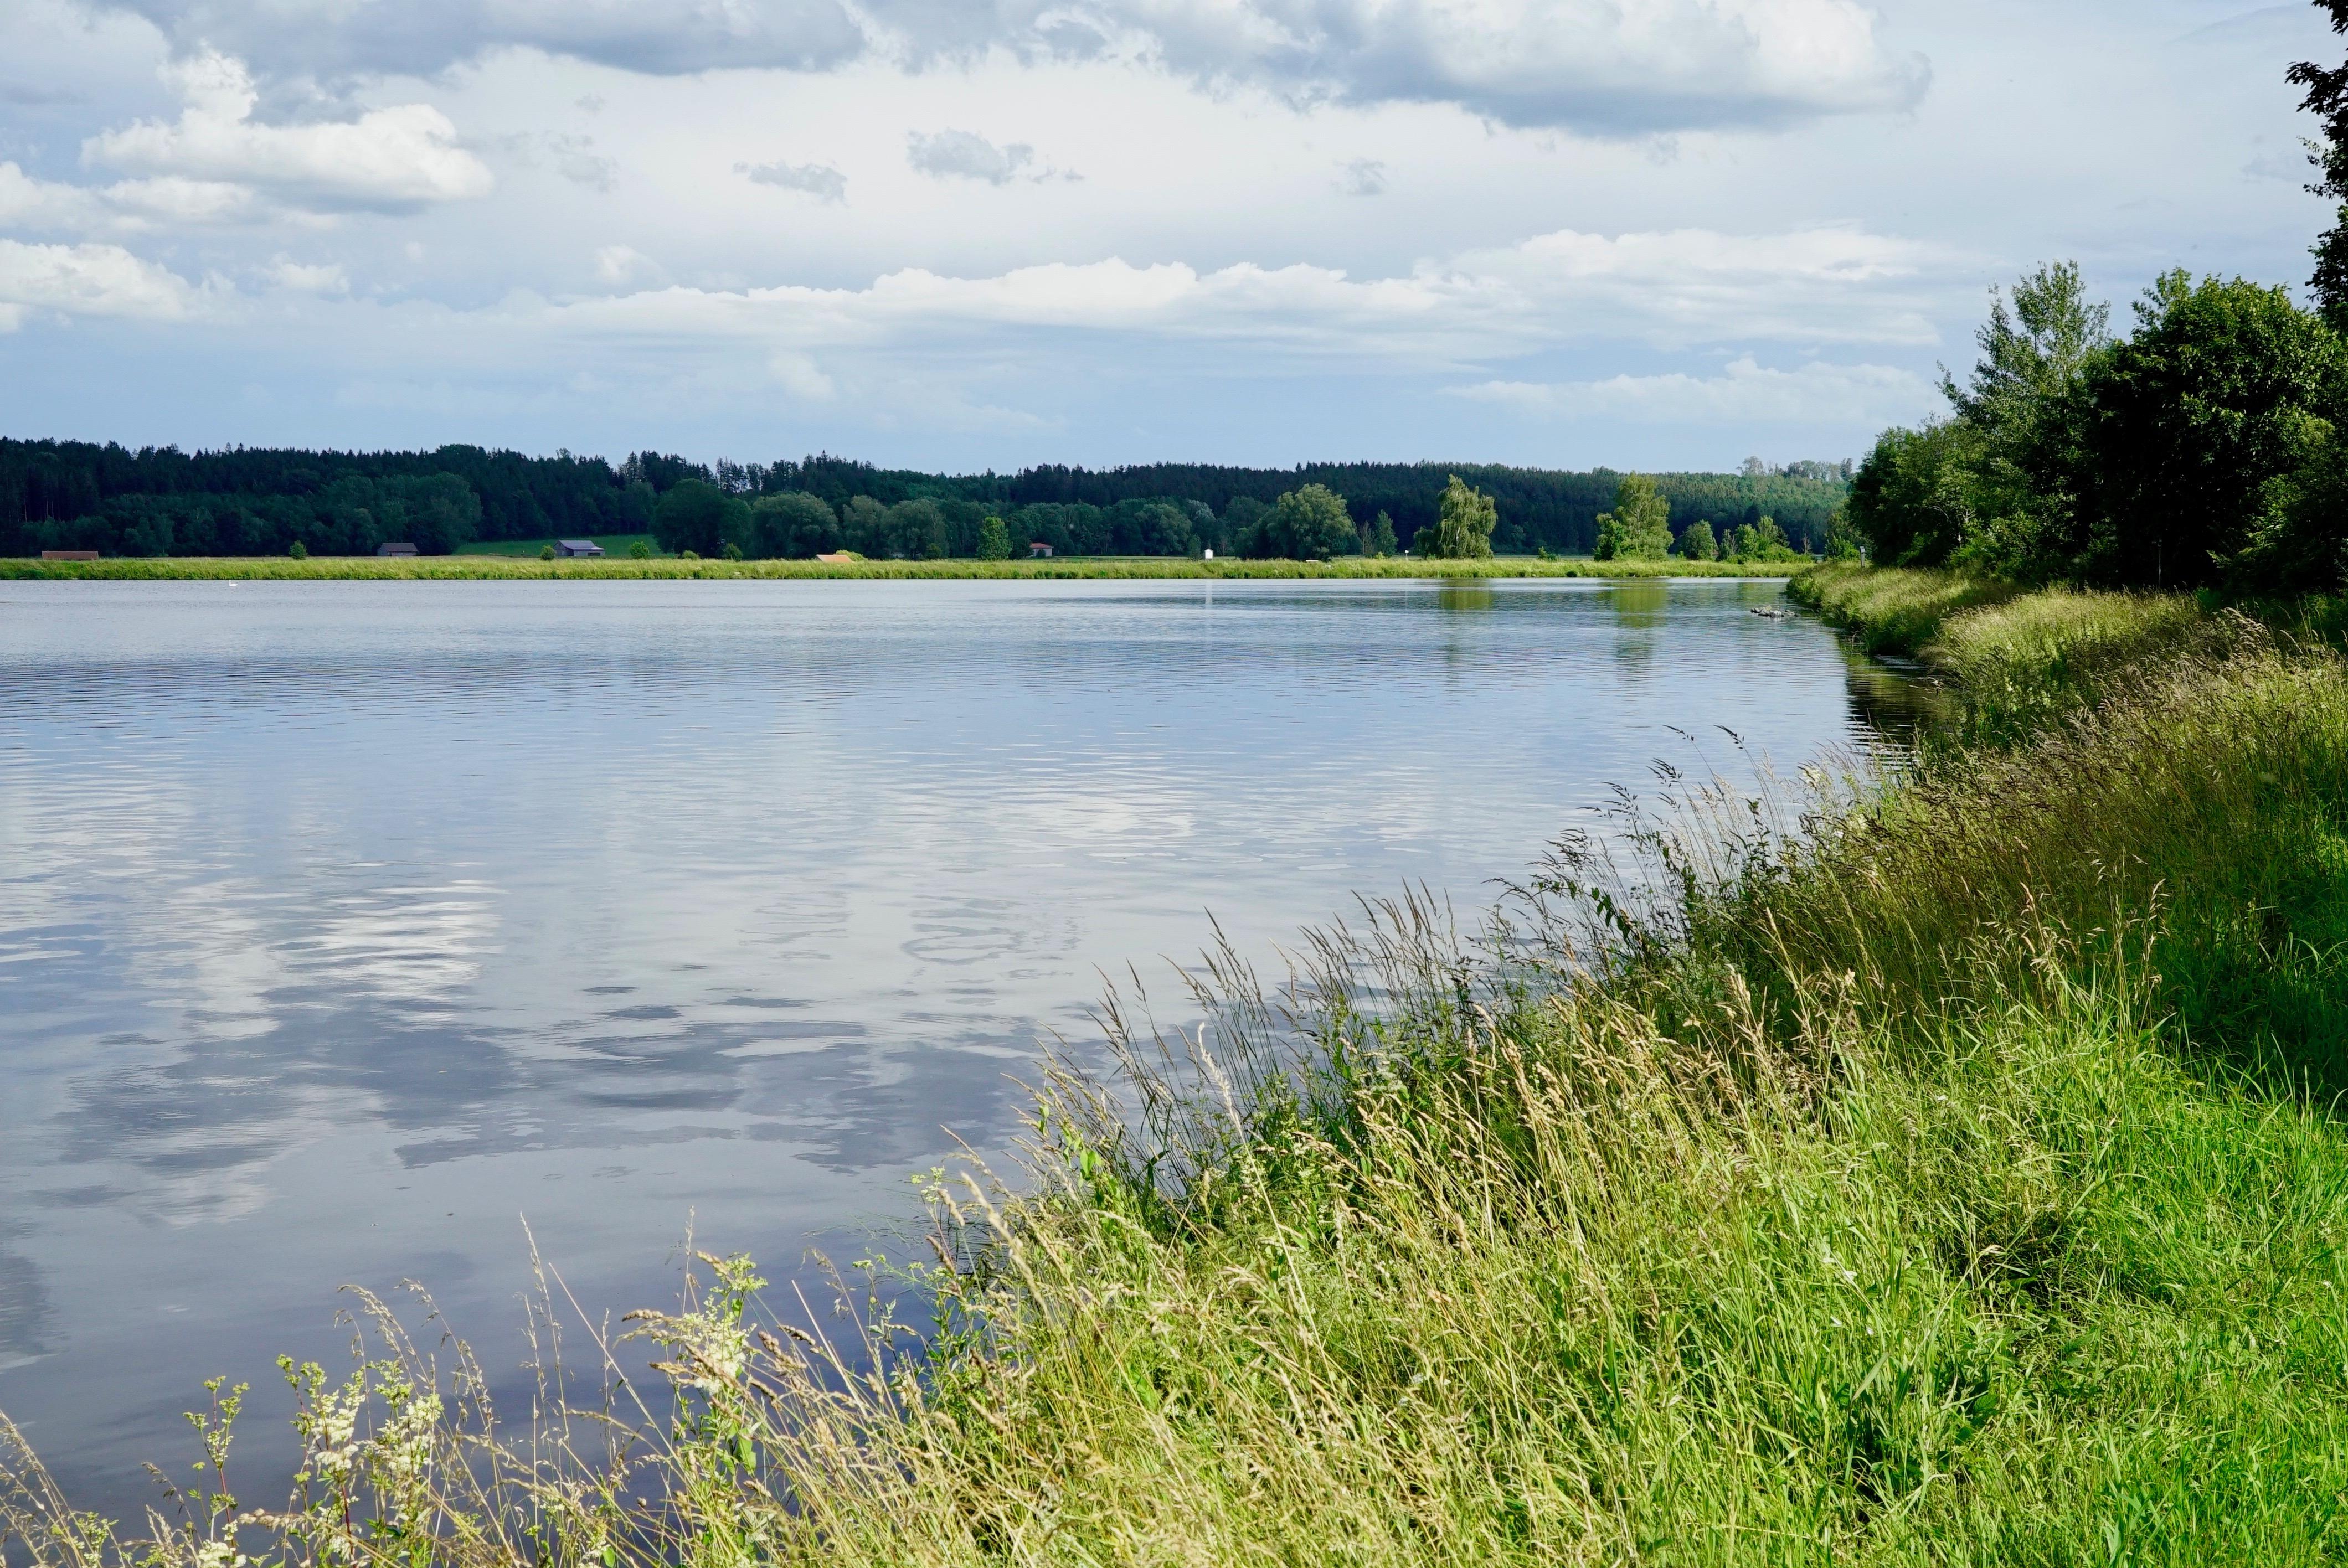 Seen an der Wertach